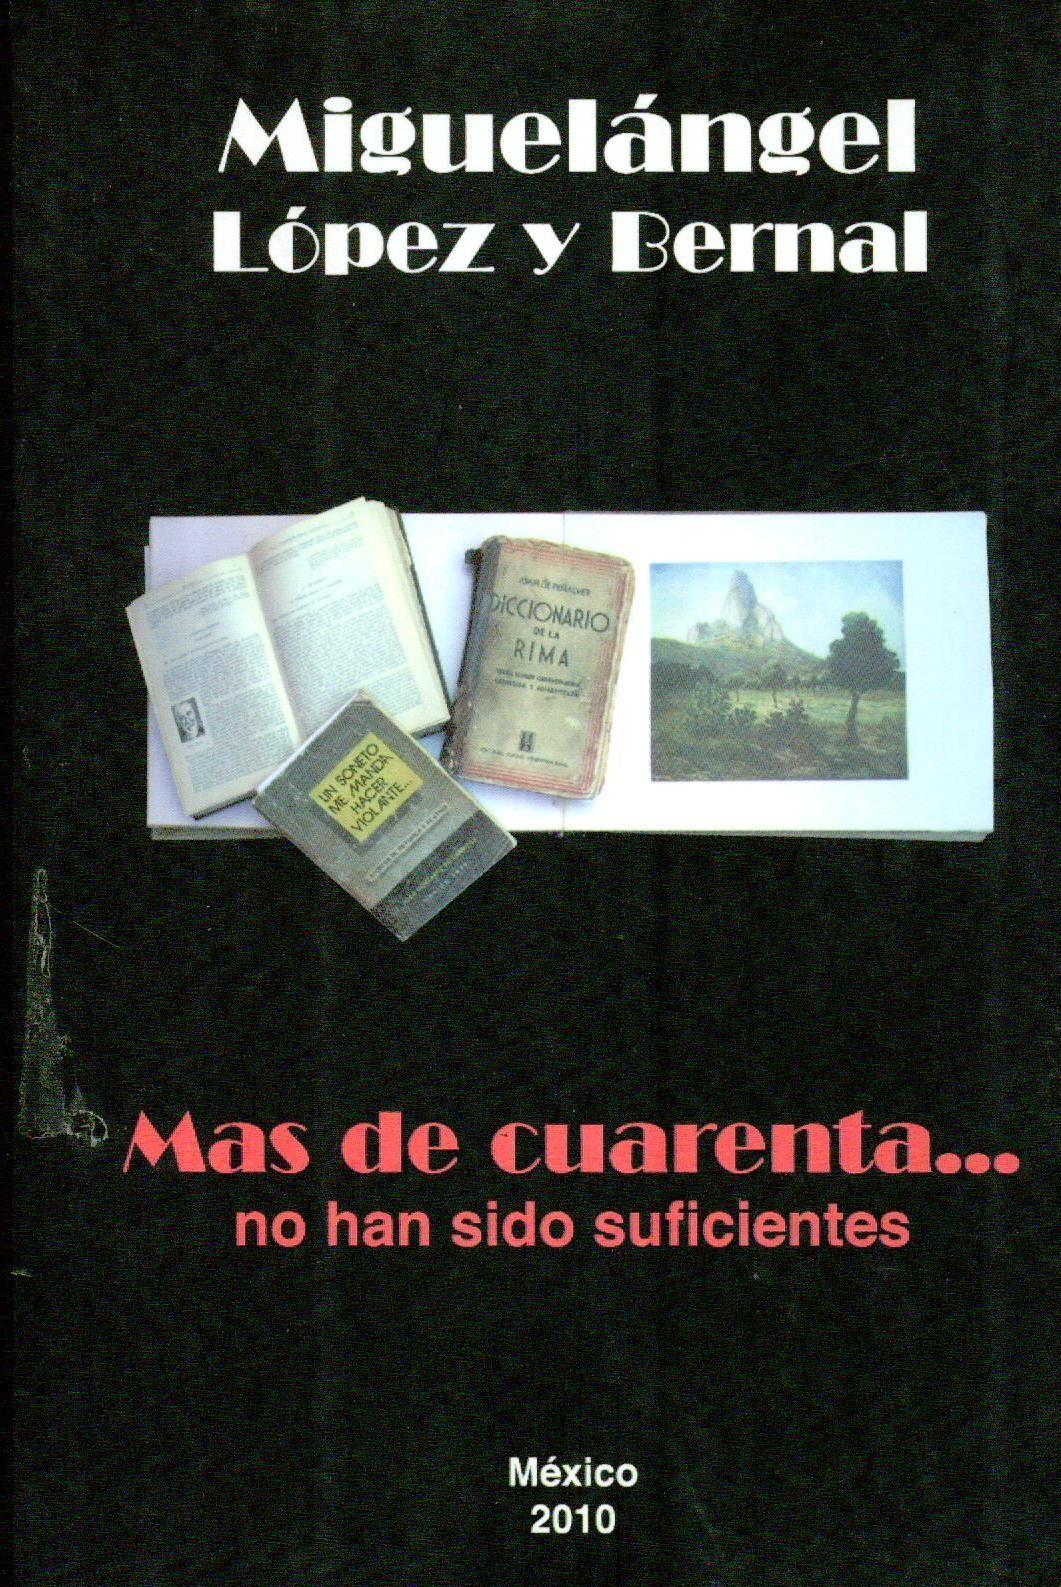 Mas de cuarenta…: no han sido suficientes - Miguelángel López y Bernal